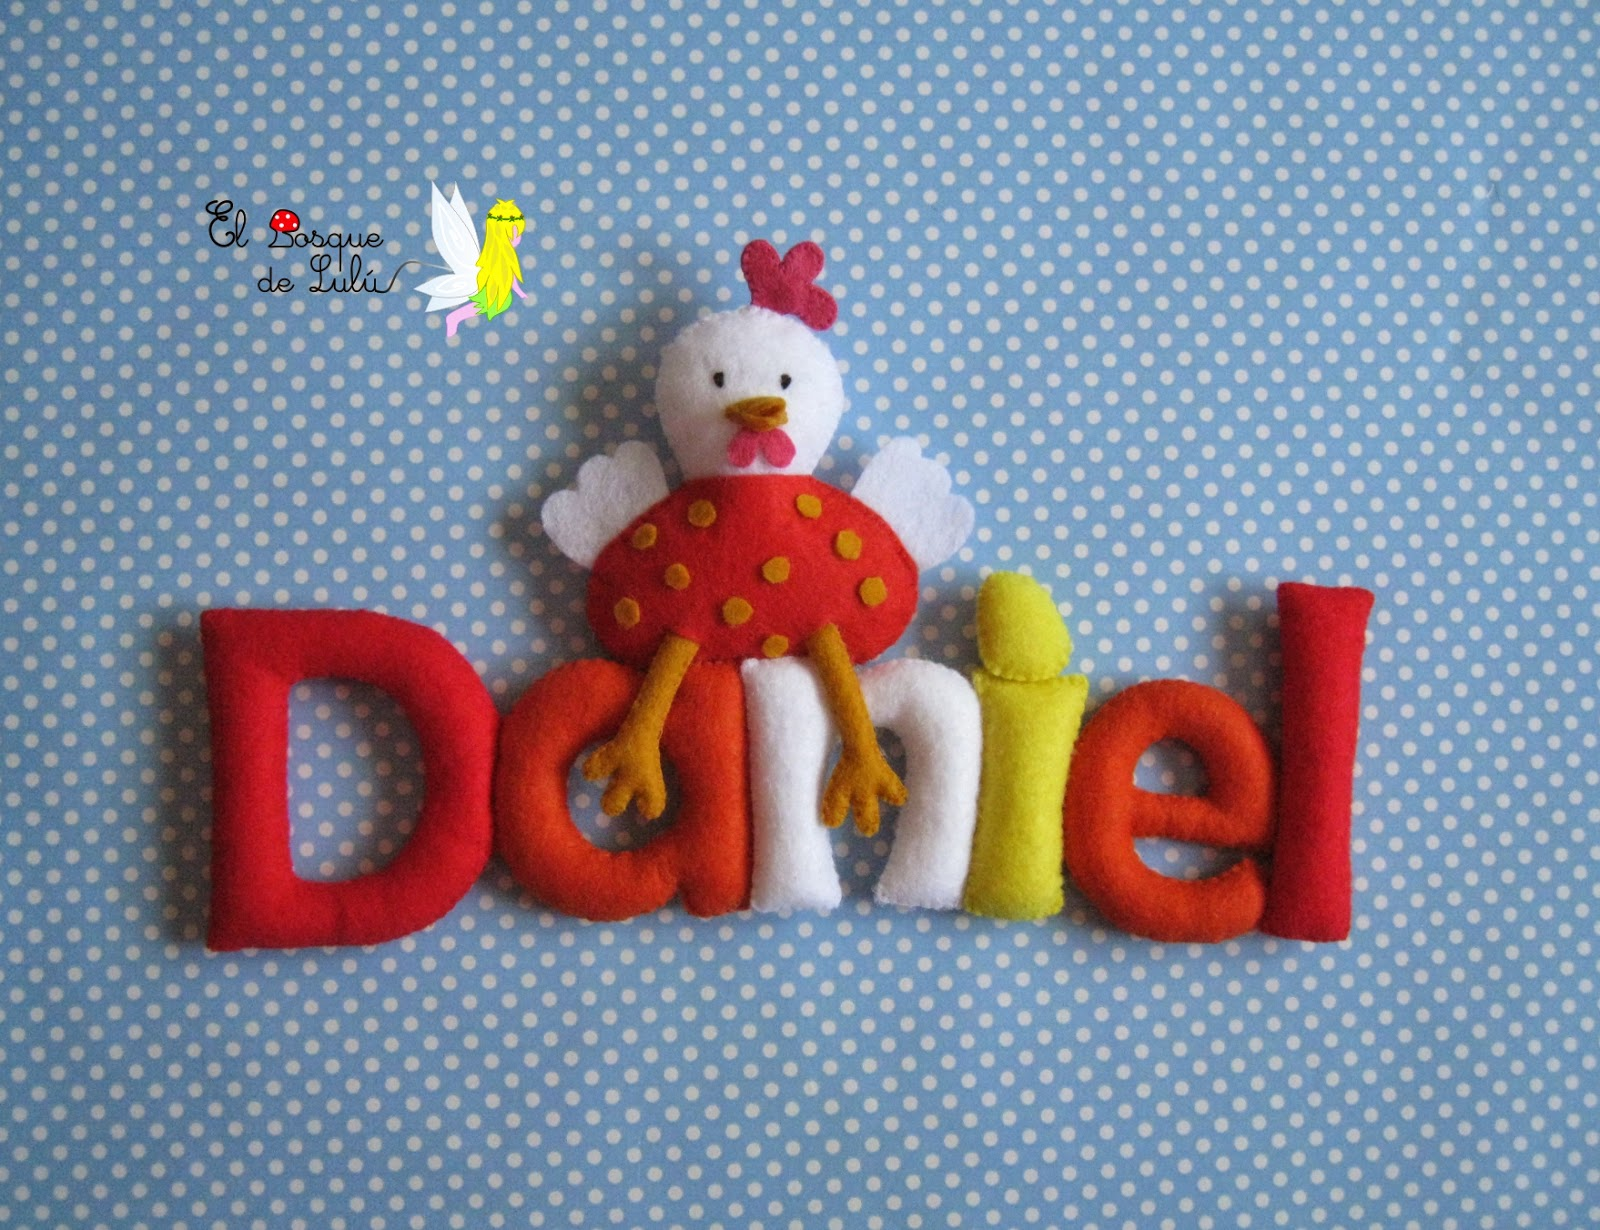 nombre-en-fieltro-de-fieltro-decoración-infantil-letrero-name-banner-felt-gallina-Daniel